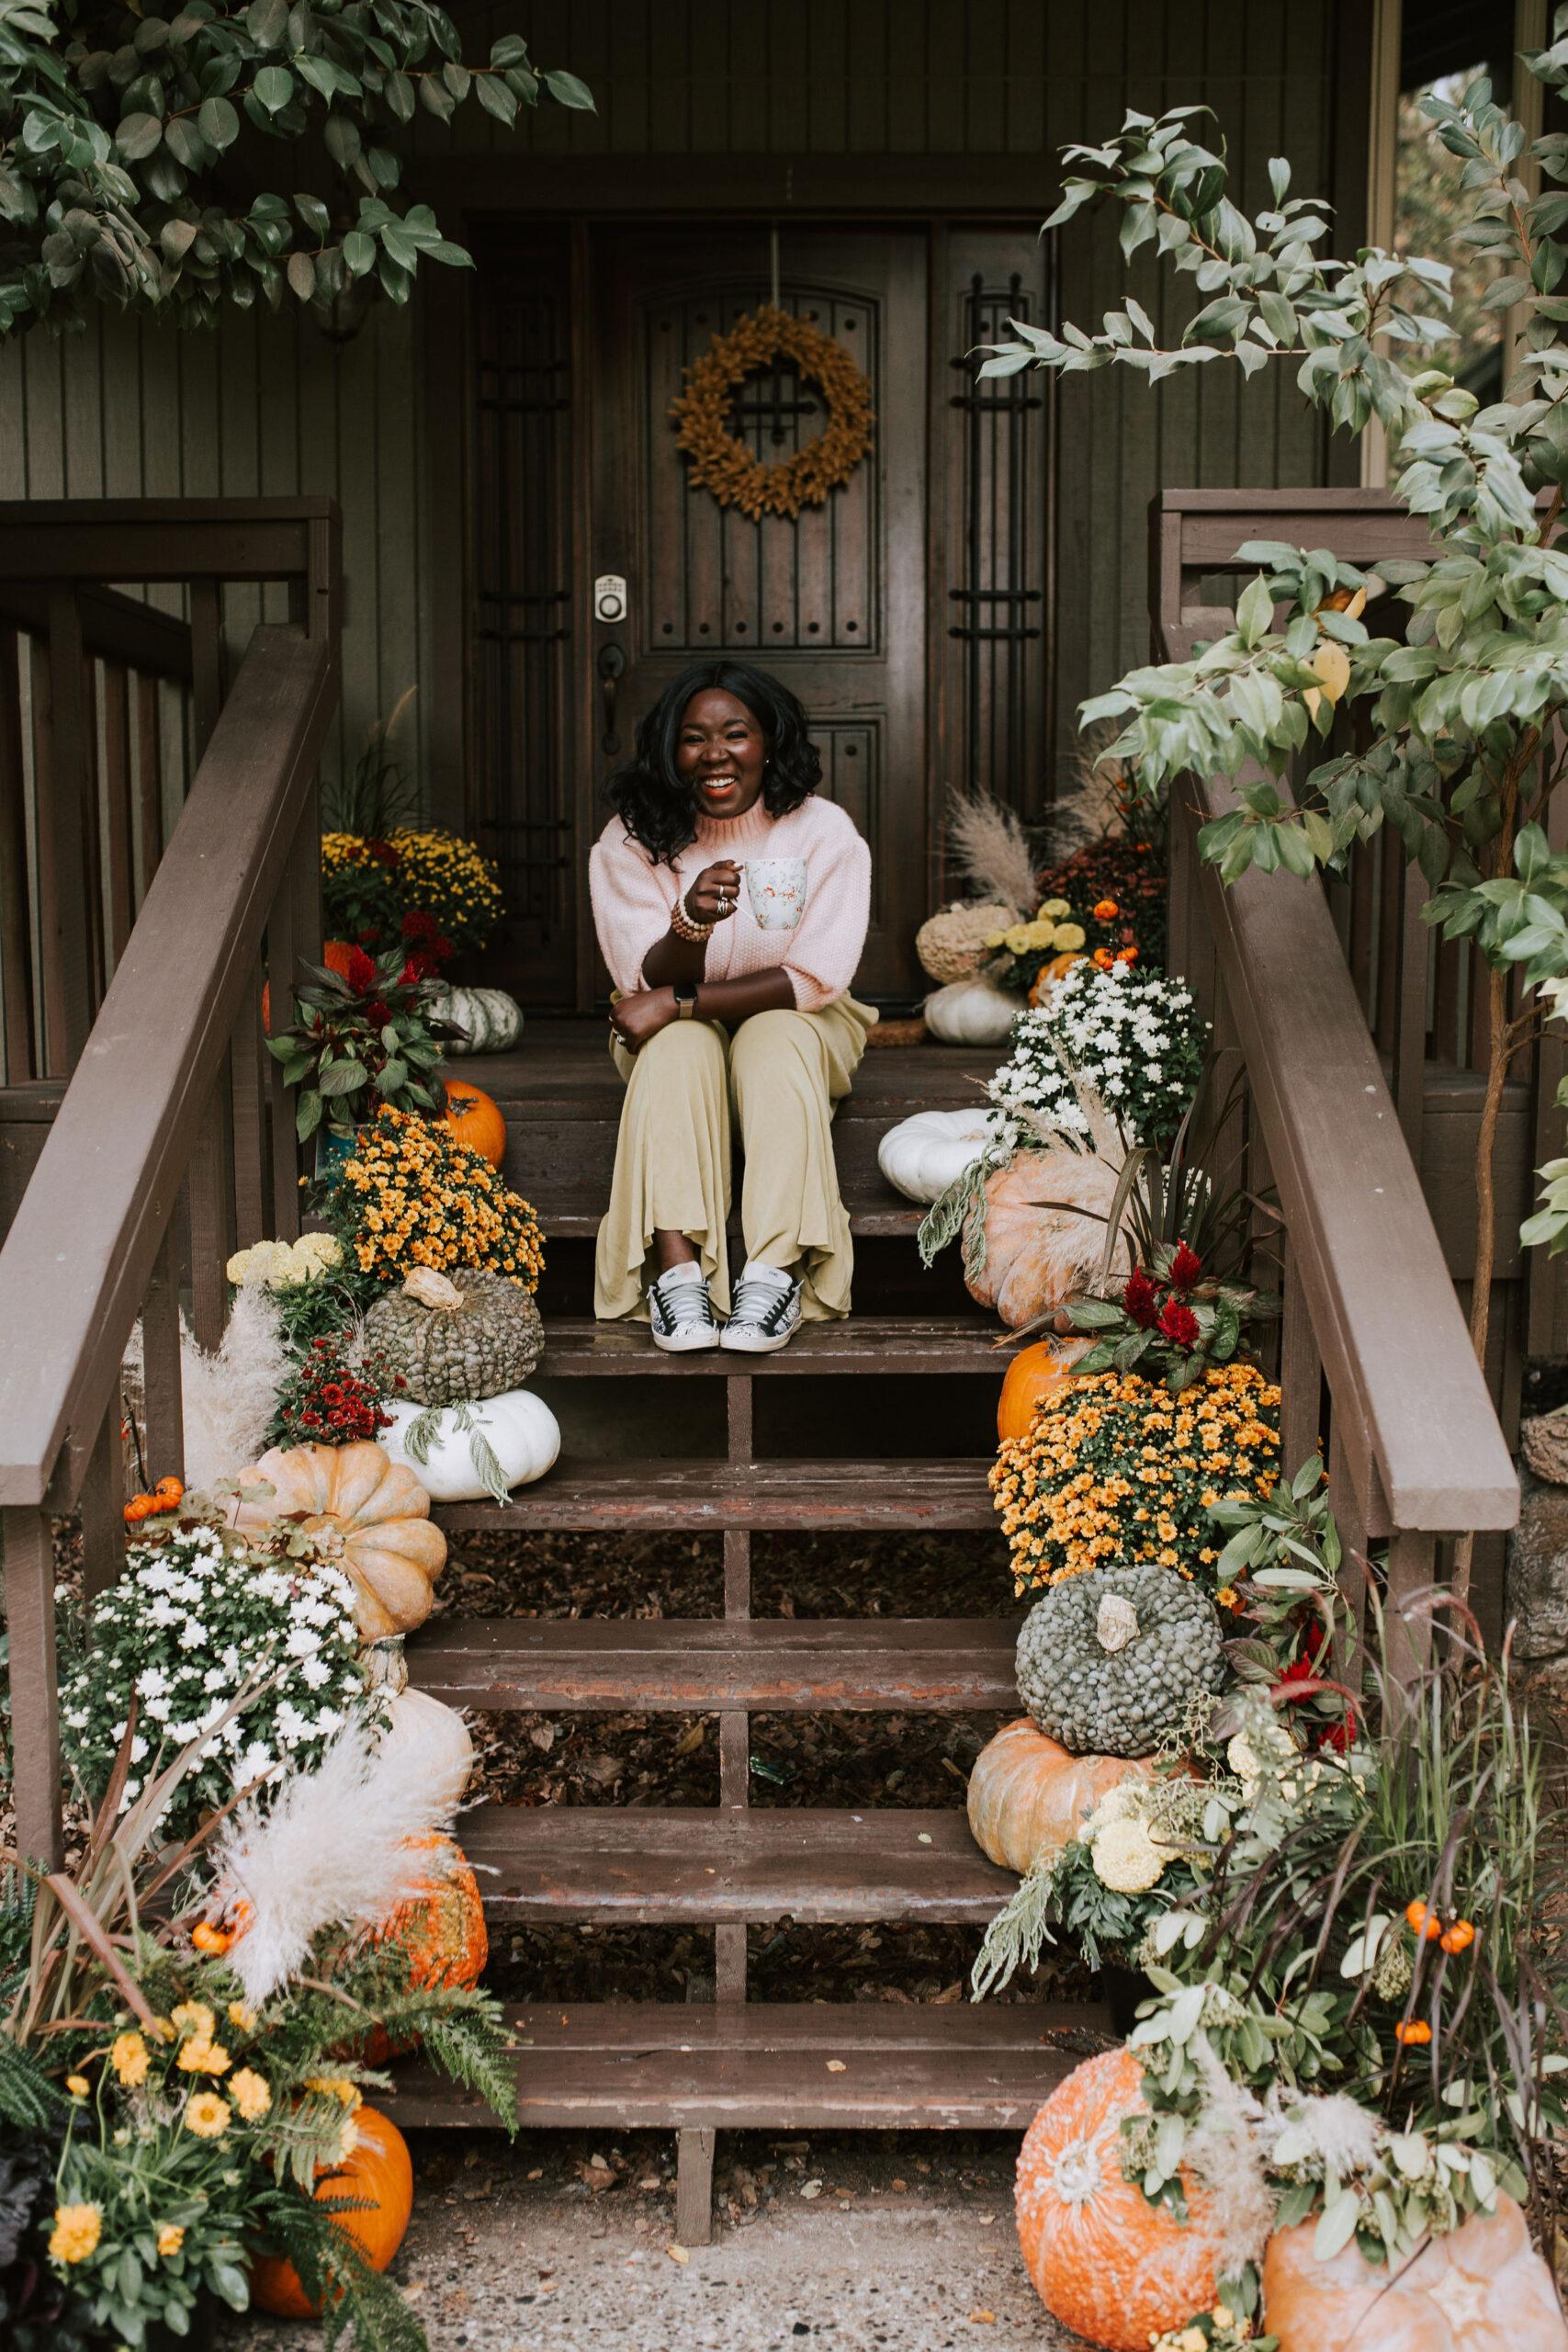 Ruthie Ridley Blog Festive Porch Decor For Fall